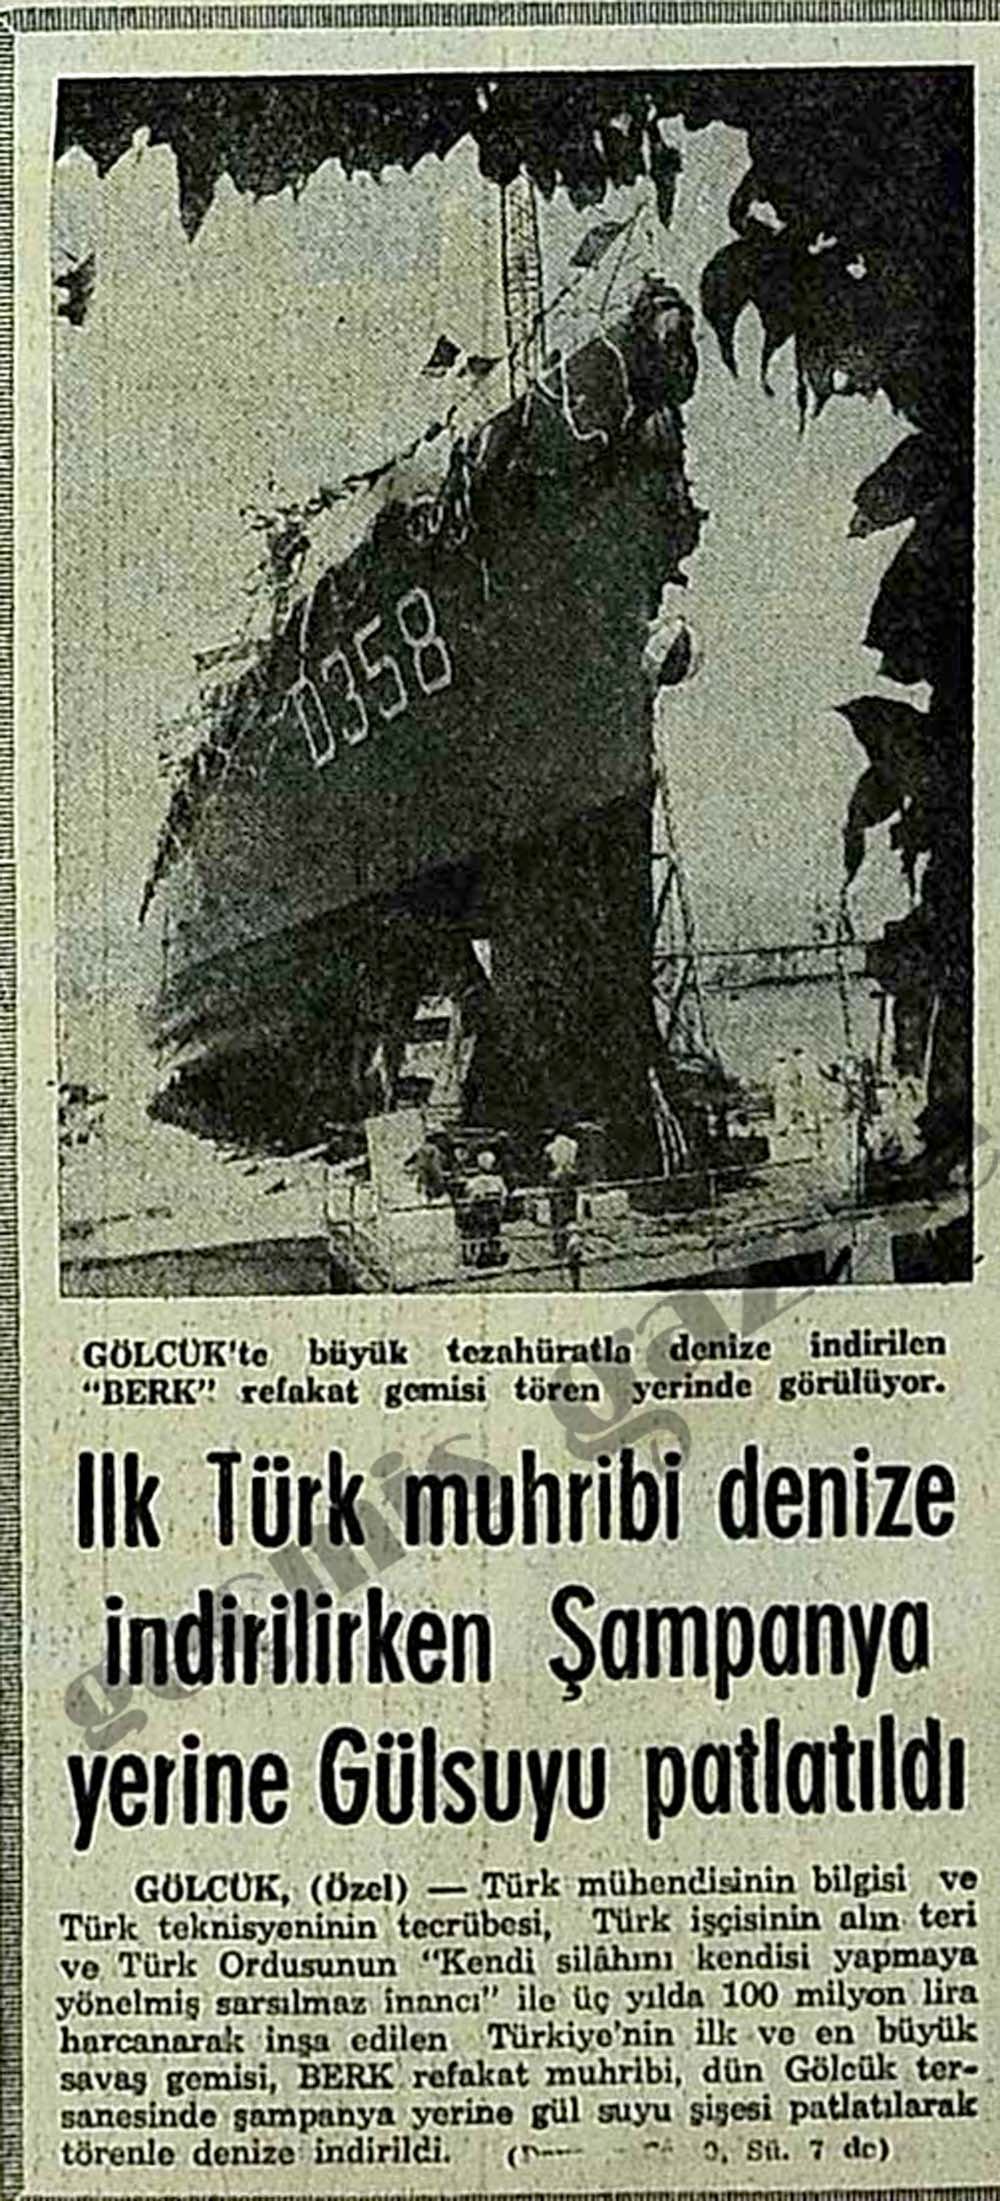 İlk Türk muhribi denize indirilirken Şampanya yerine Gülsuyu patlatıldı